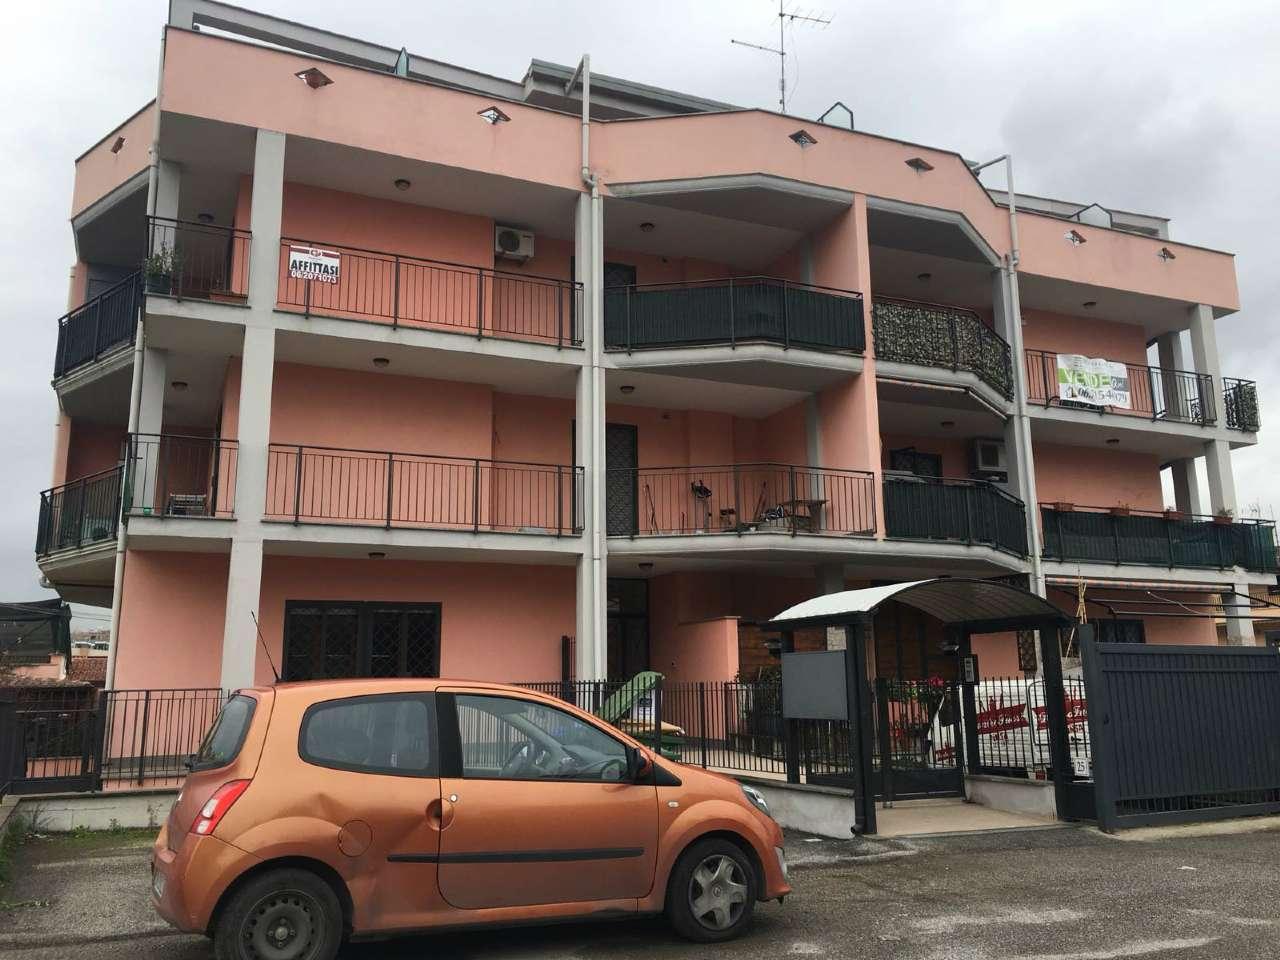 Trilocale in affitto a Roma in Via Vincenzo Alberti, 25